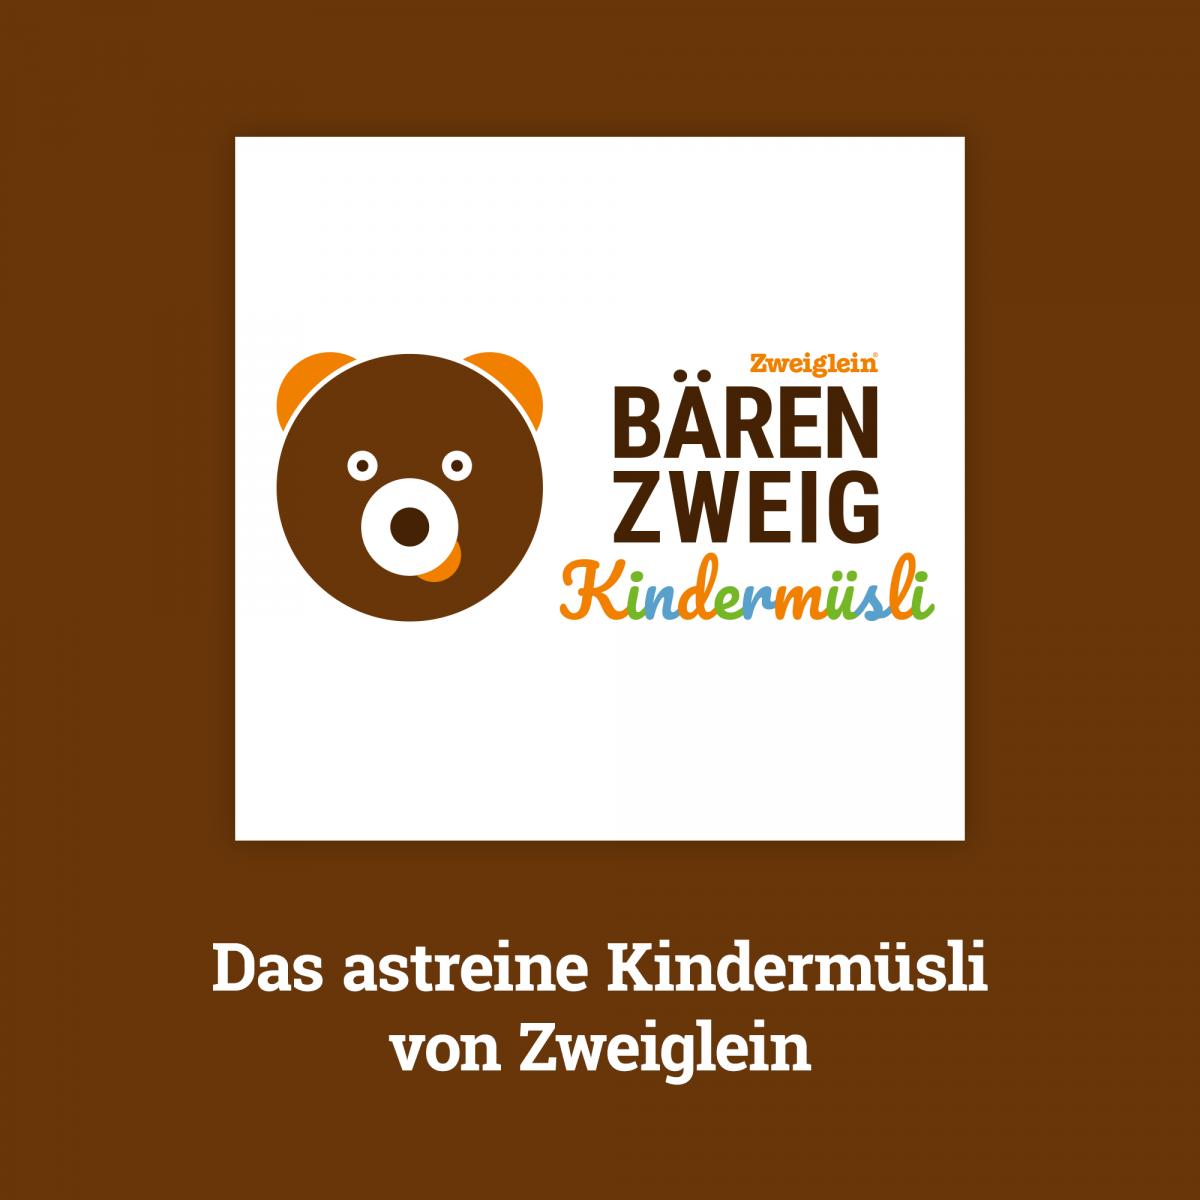 BÄRENZWEIG Bio Kindermüsli von Zweiglein